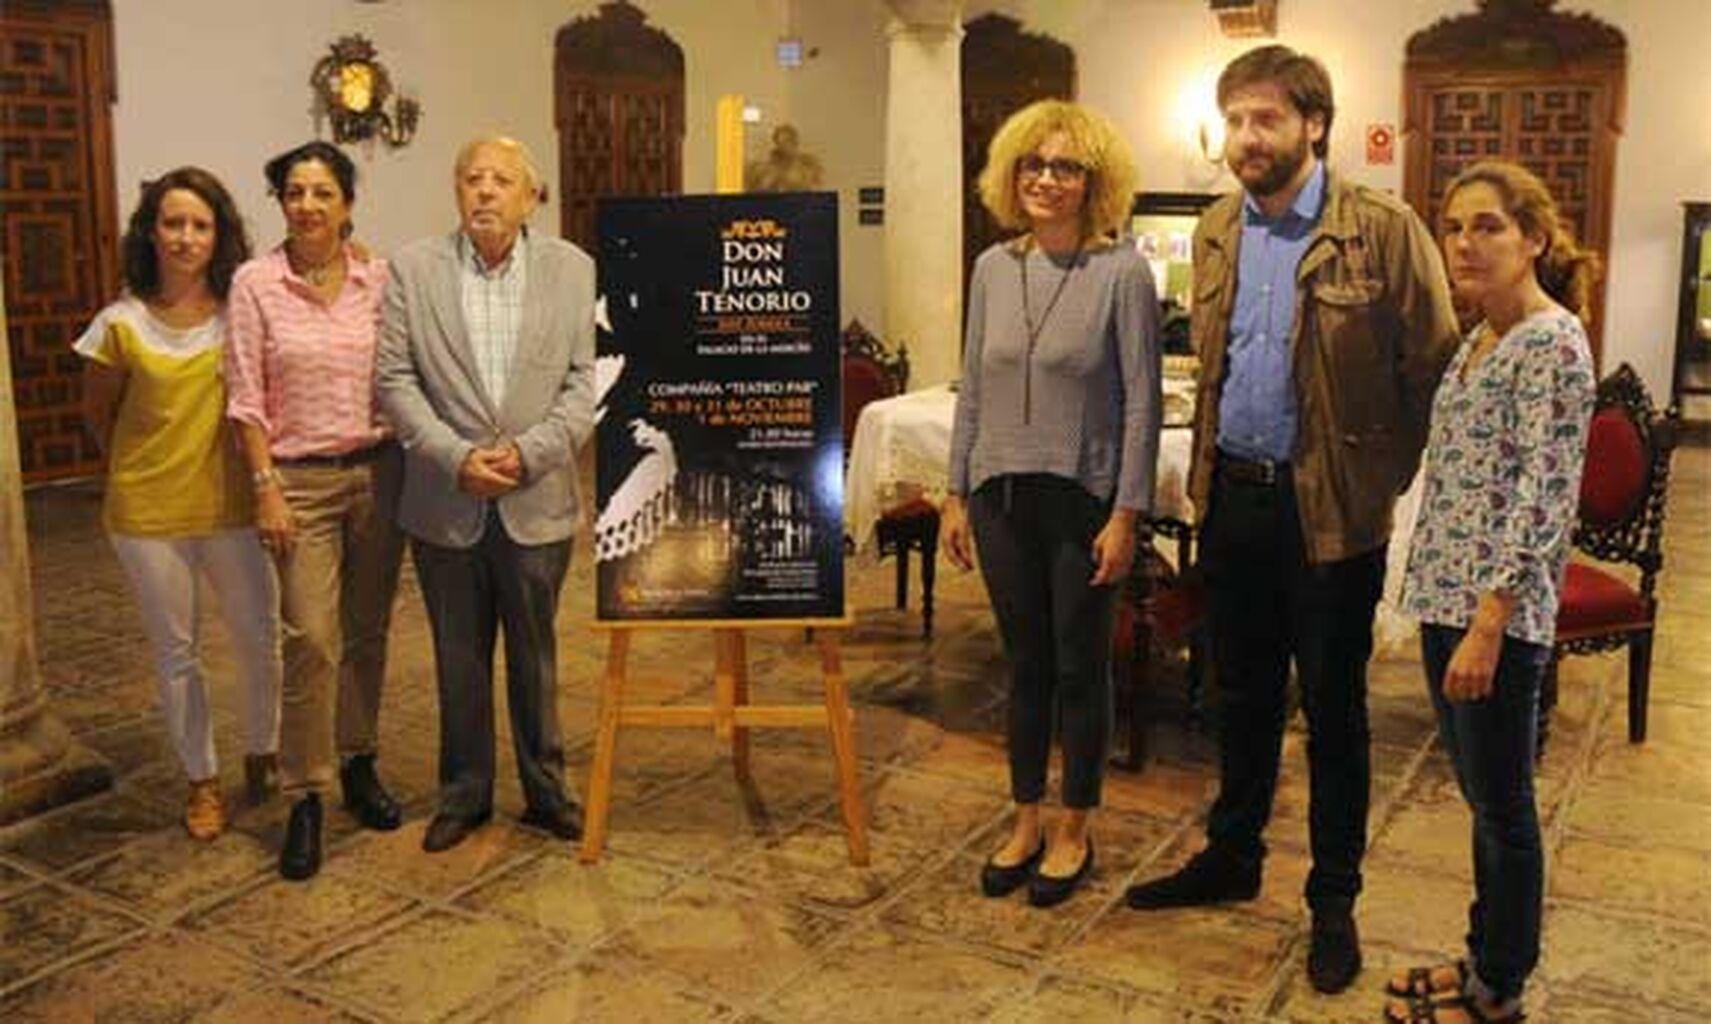 Don Juan Tenorio vuelve al Palacio de la Merced